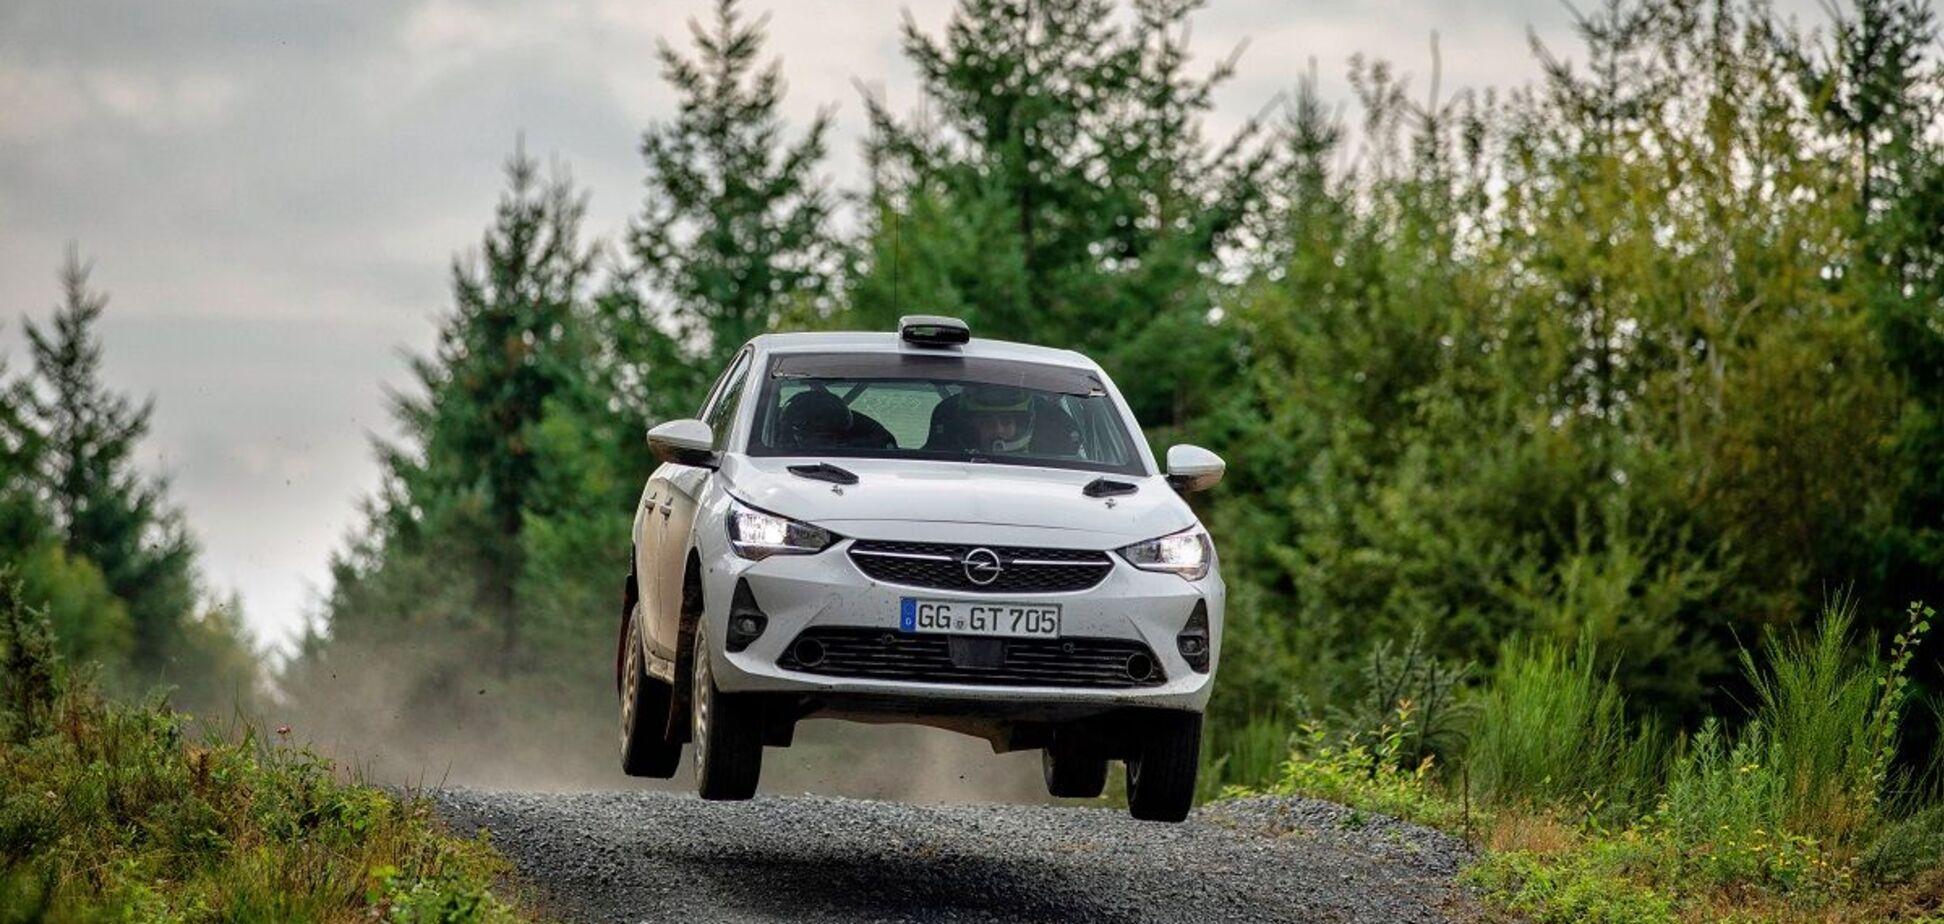 Компанія Opel презентувала гоночну версію Corsa